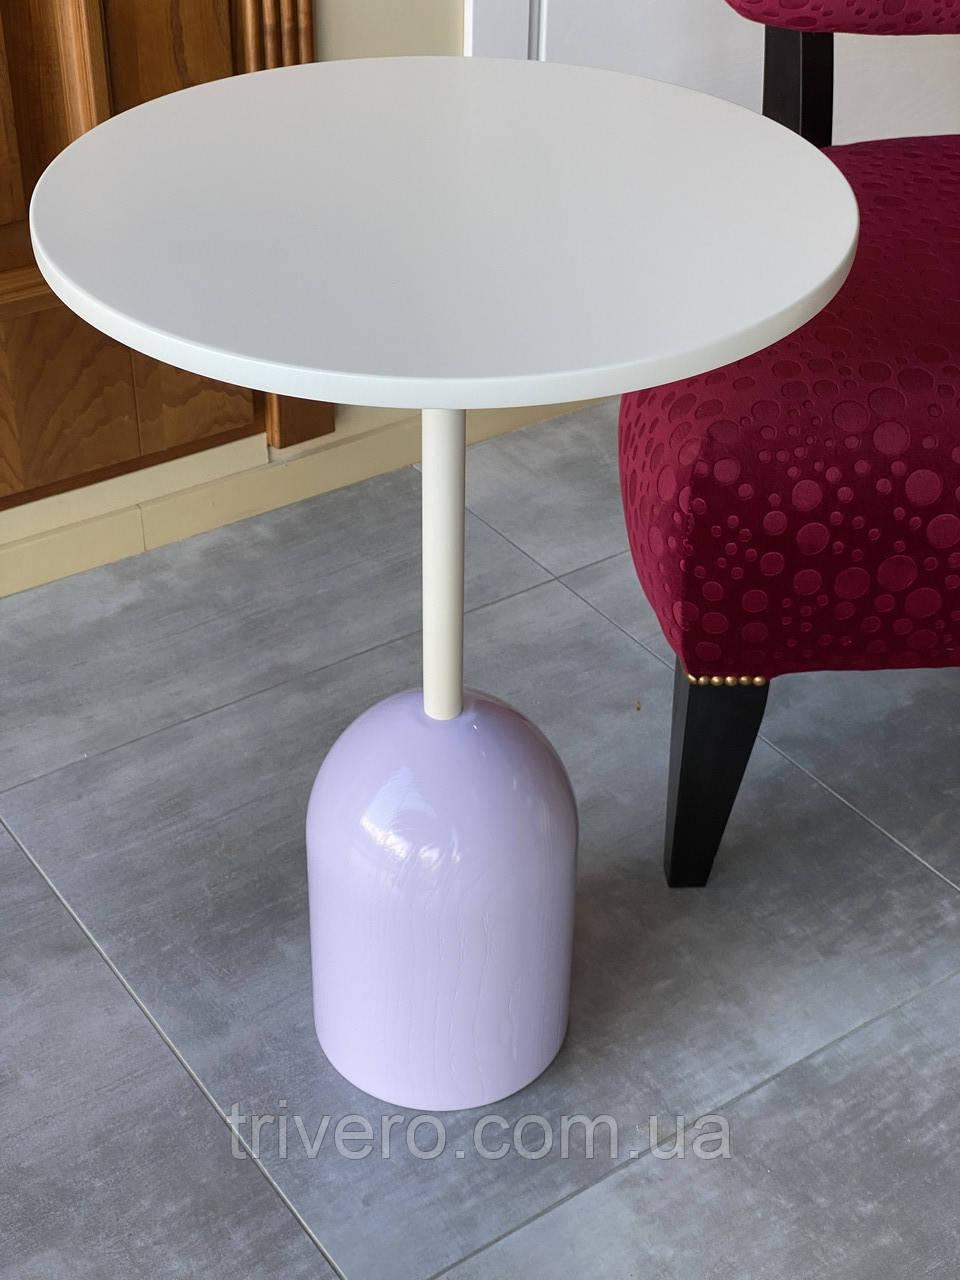 Маленький кофейный столик на одной опоре